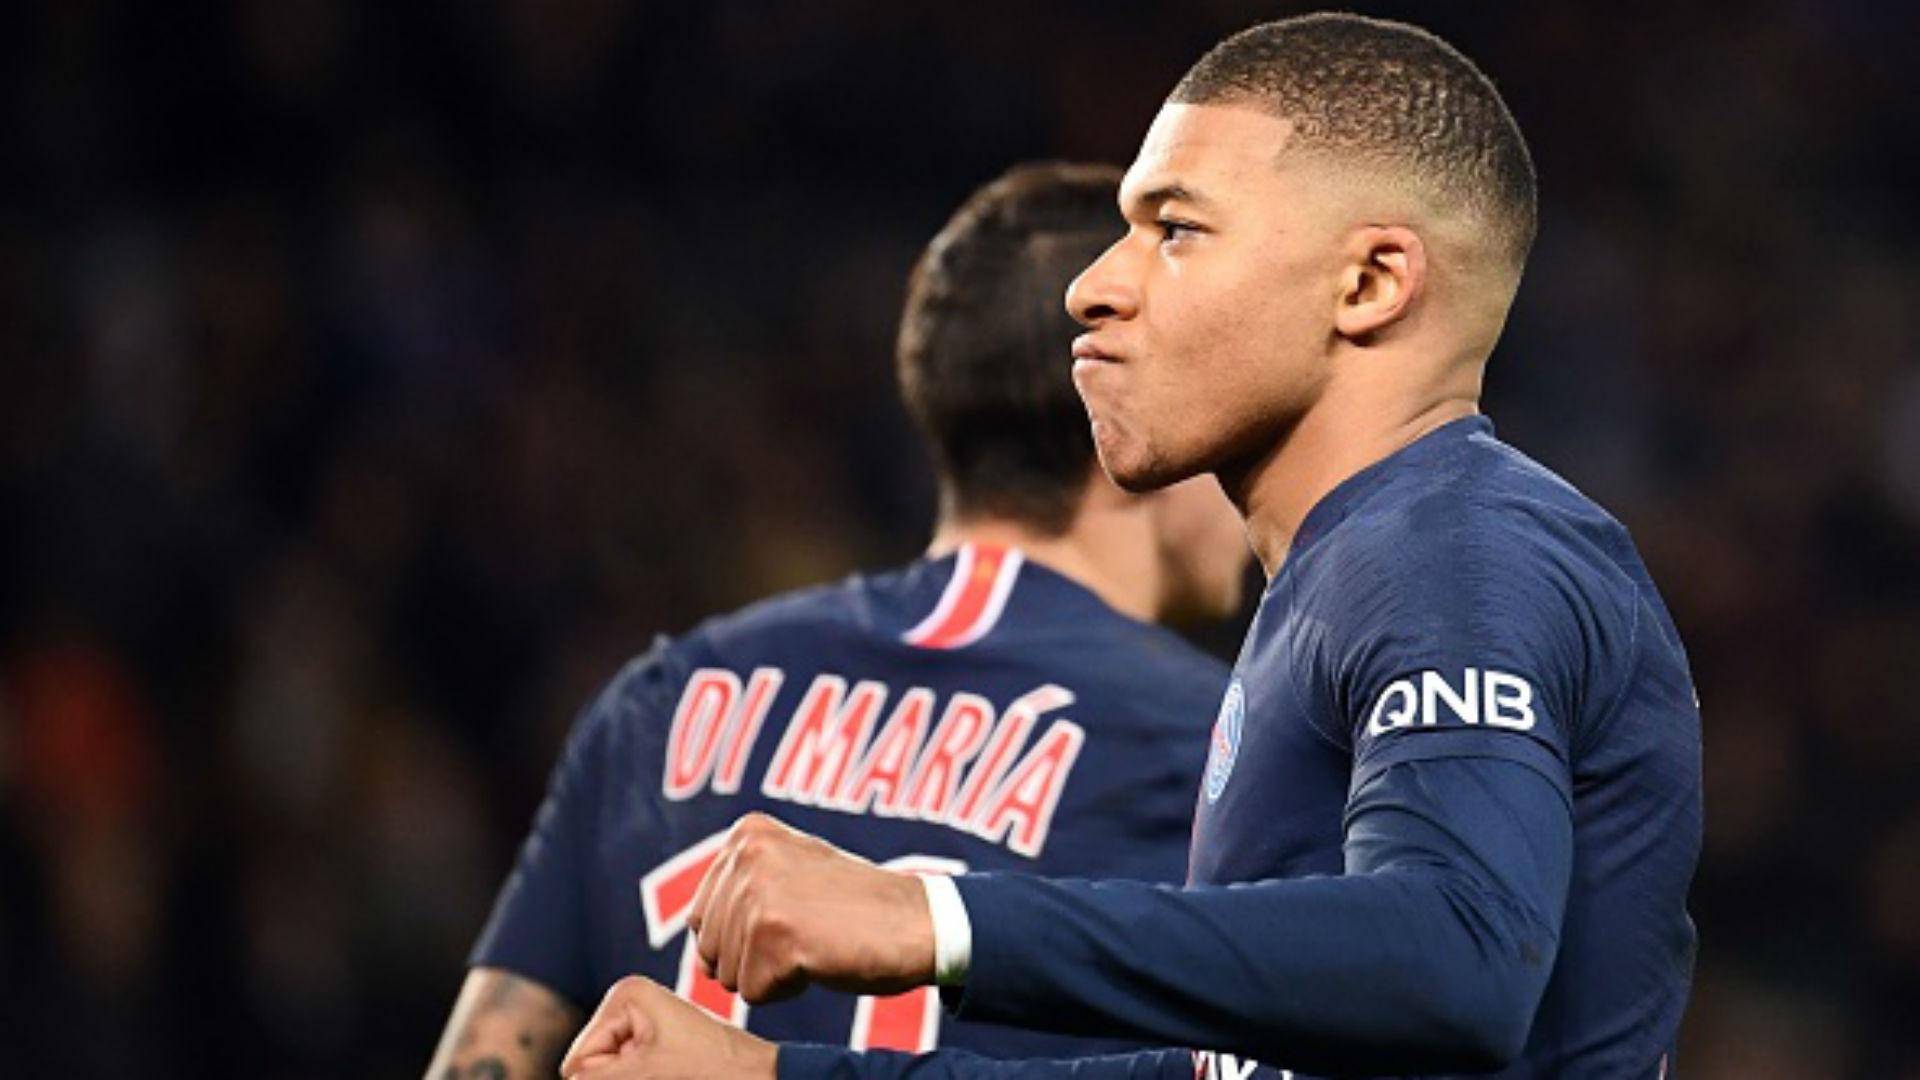 Reims-PSG | Streaming, Horaire, TV, compos : tout ce qu'il faut savoir sur l'équipe parisienne